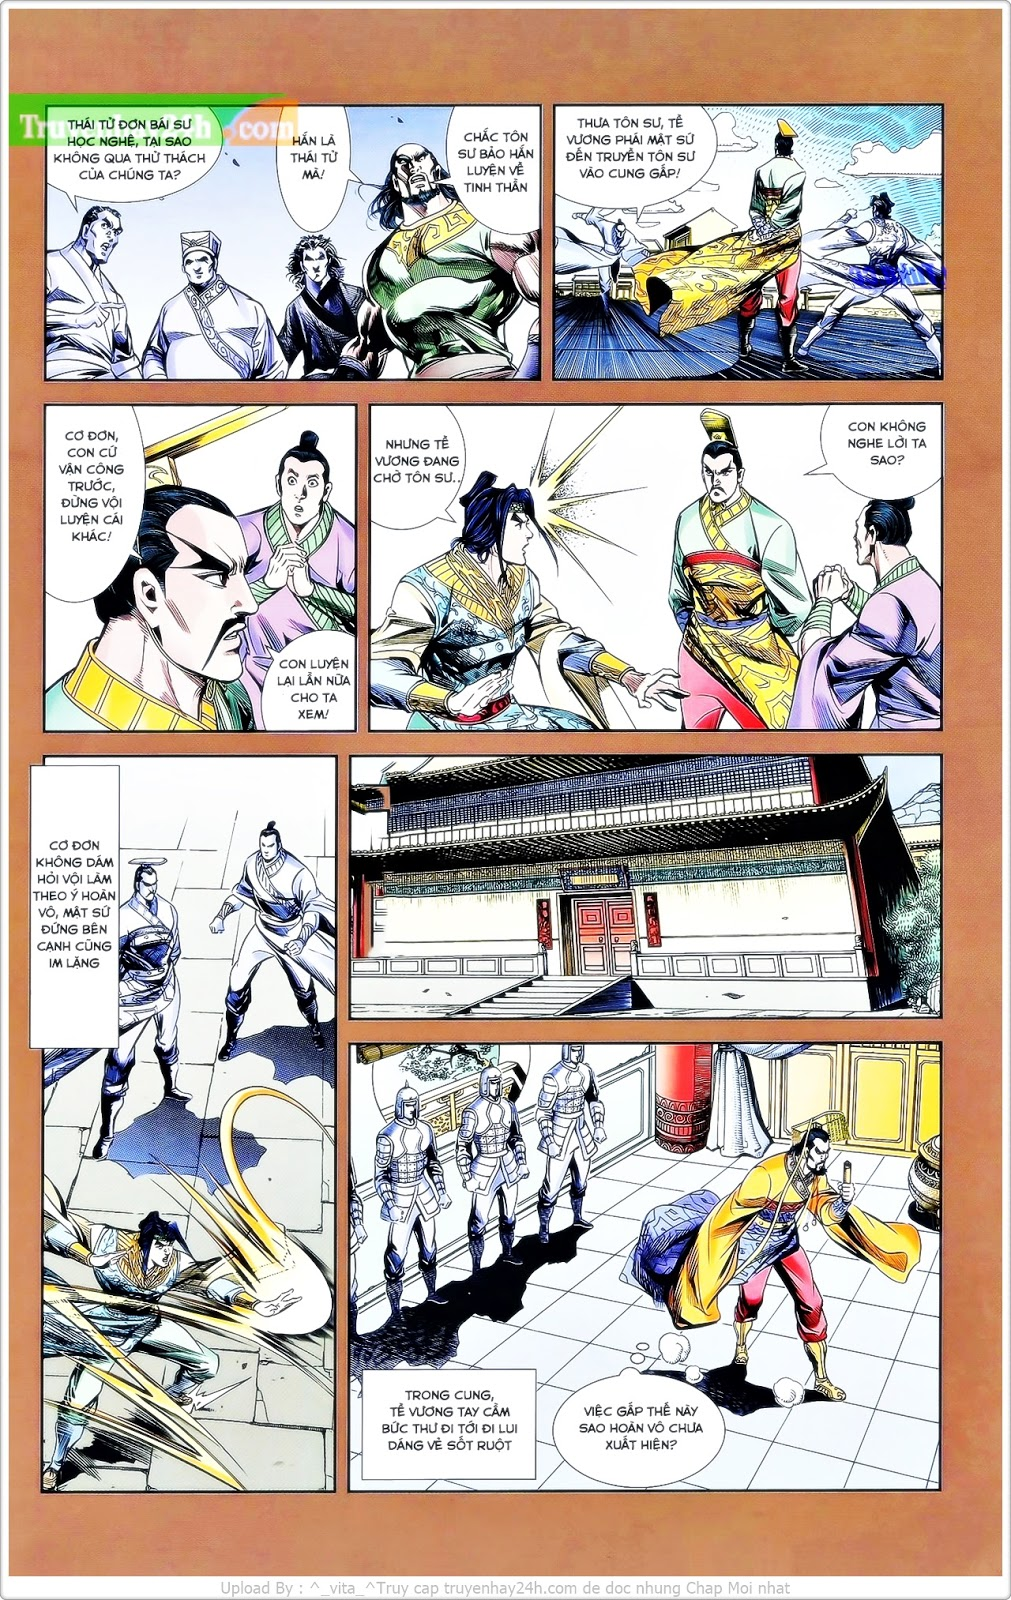 Tần Vương Doanh Chính chapter 26 trang 22